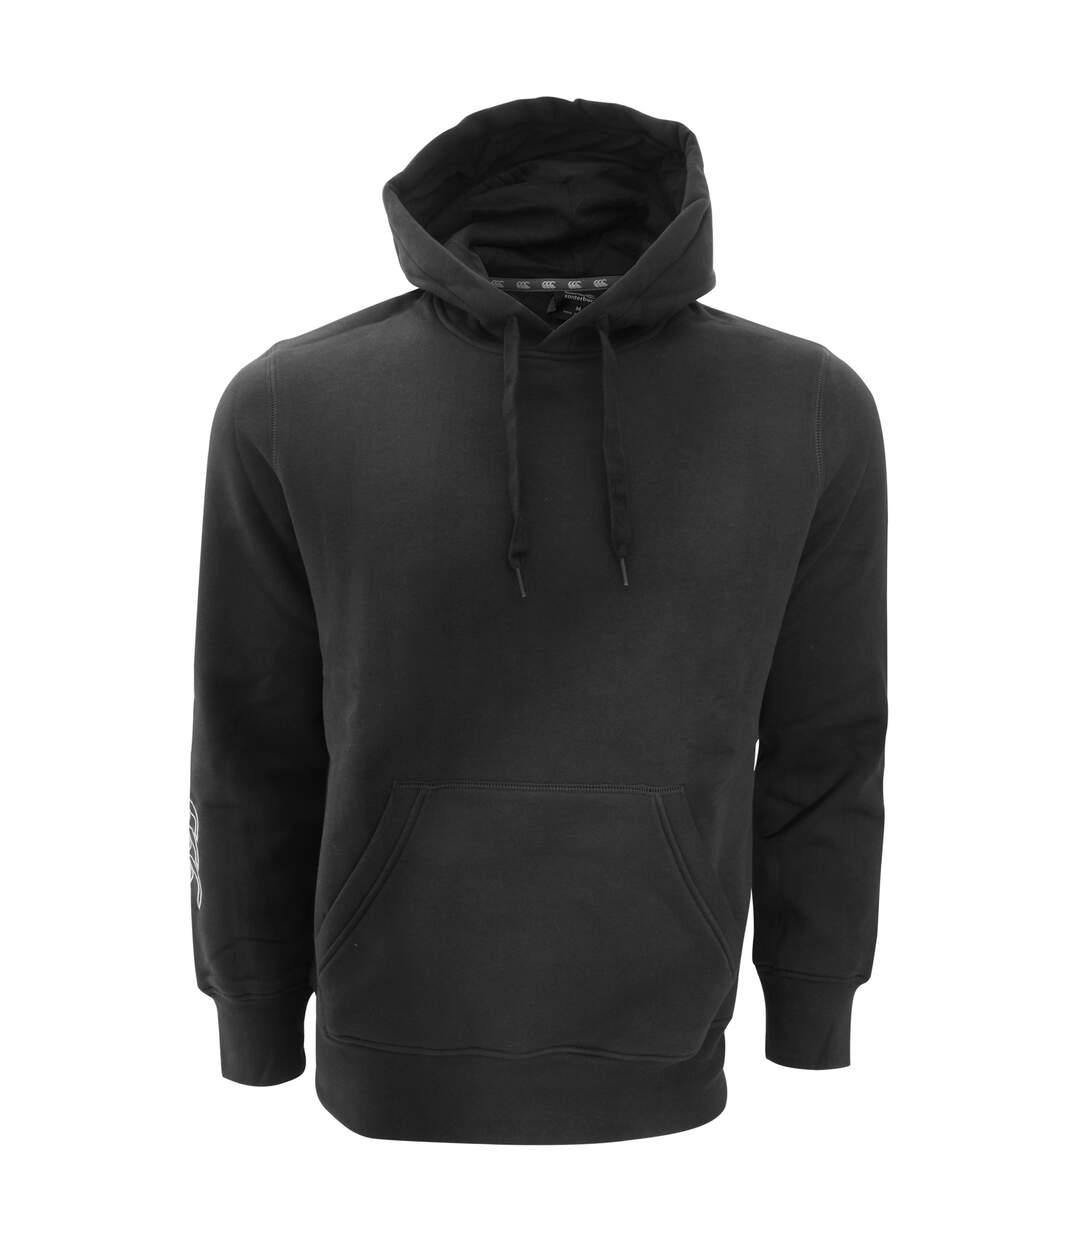 Canterbury Mens Team Hooded Sweatshirt/Hoodie (Navy) - UTPC2484